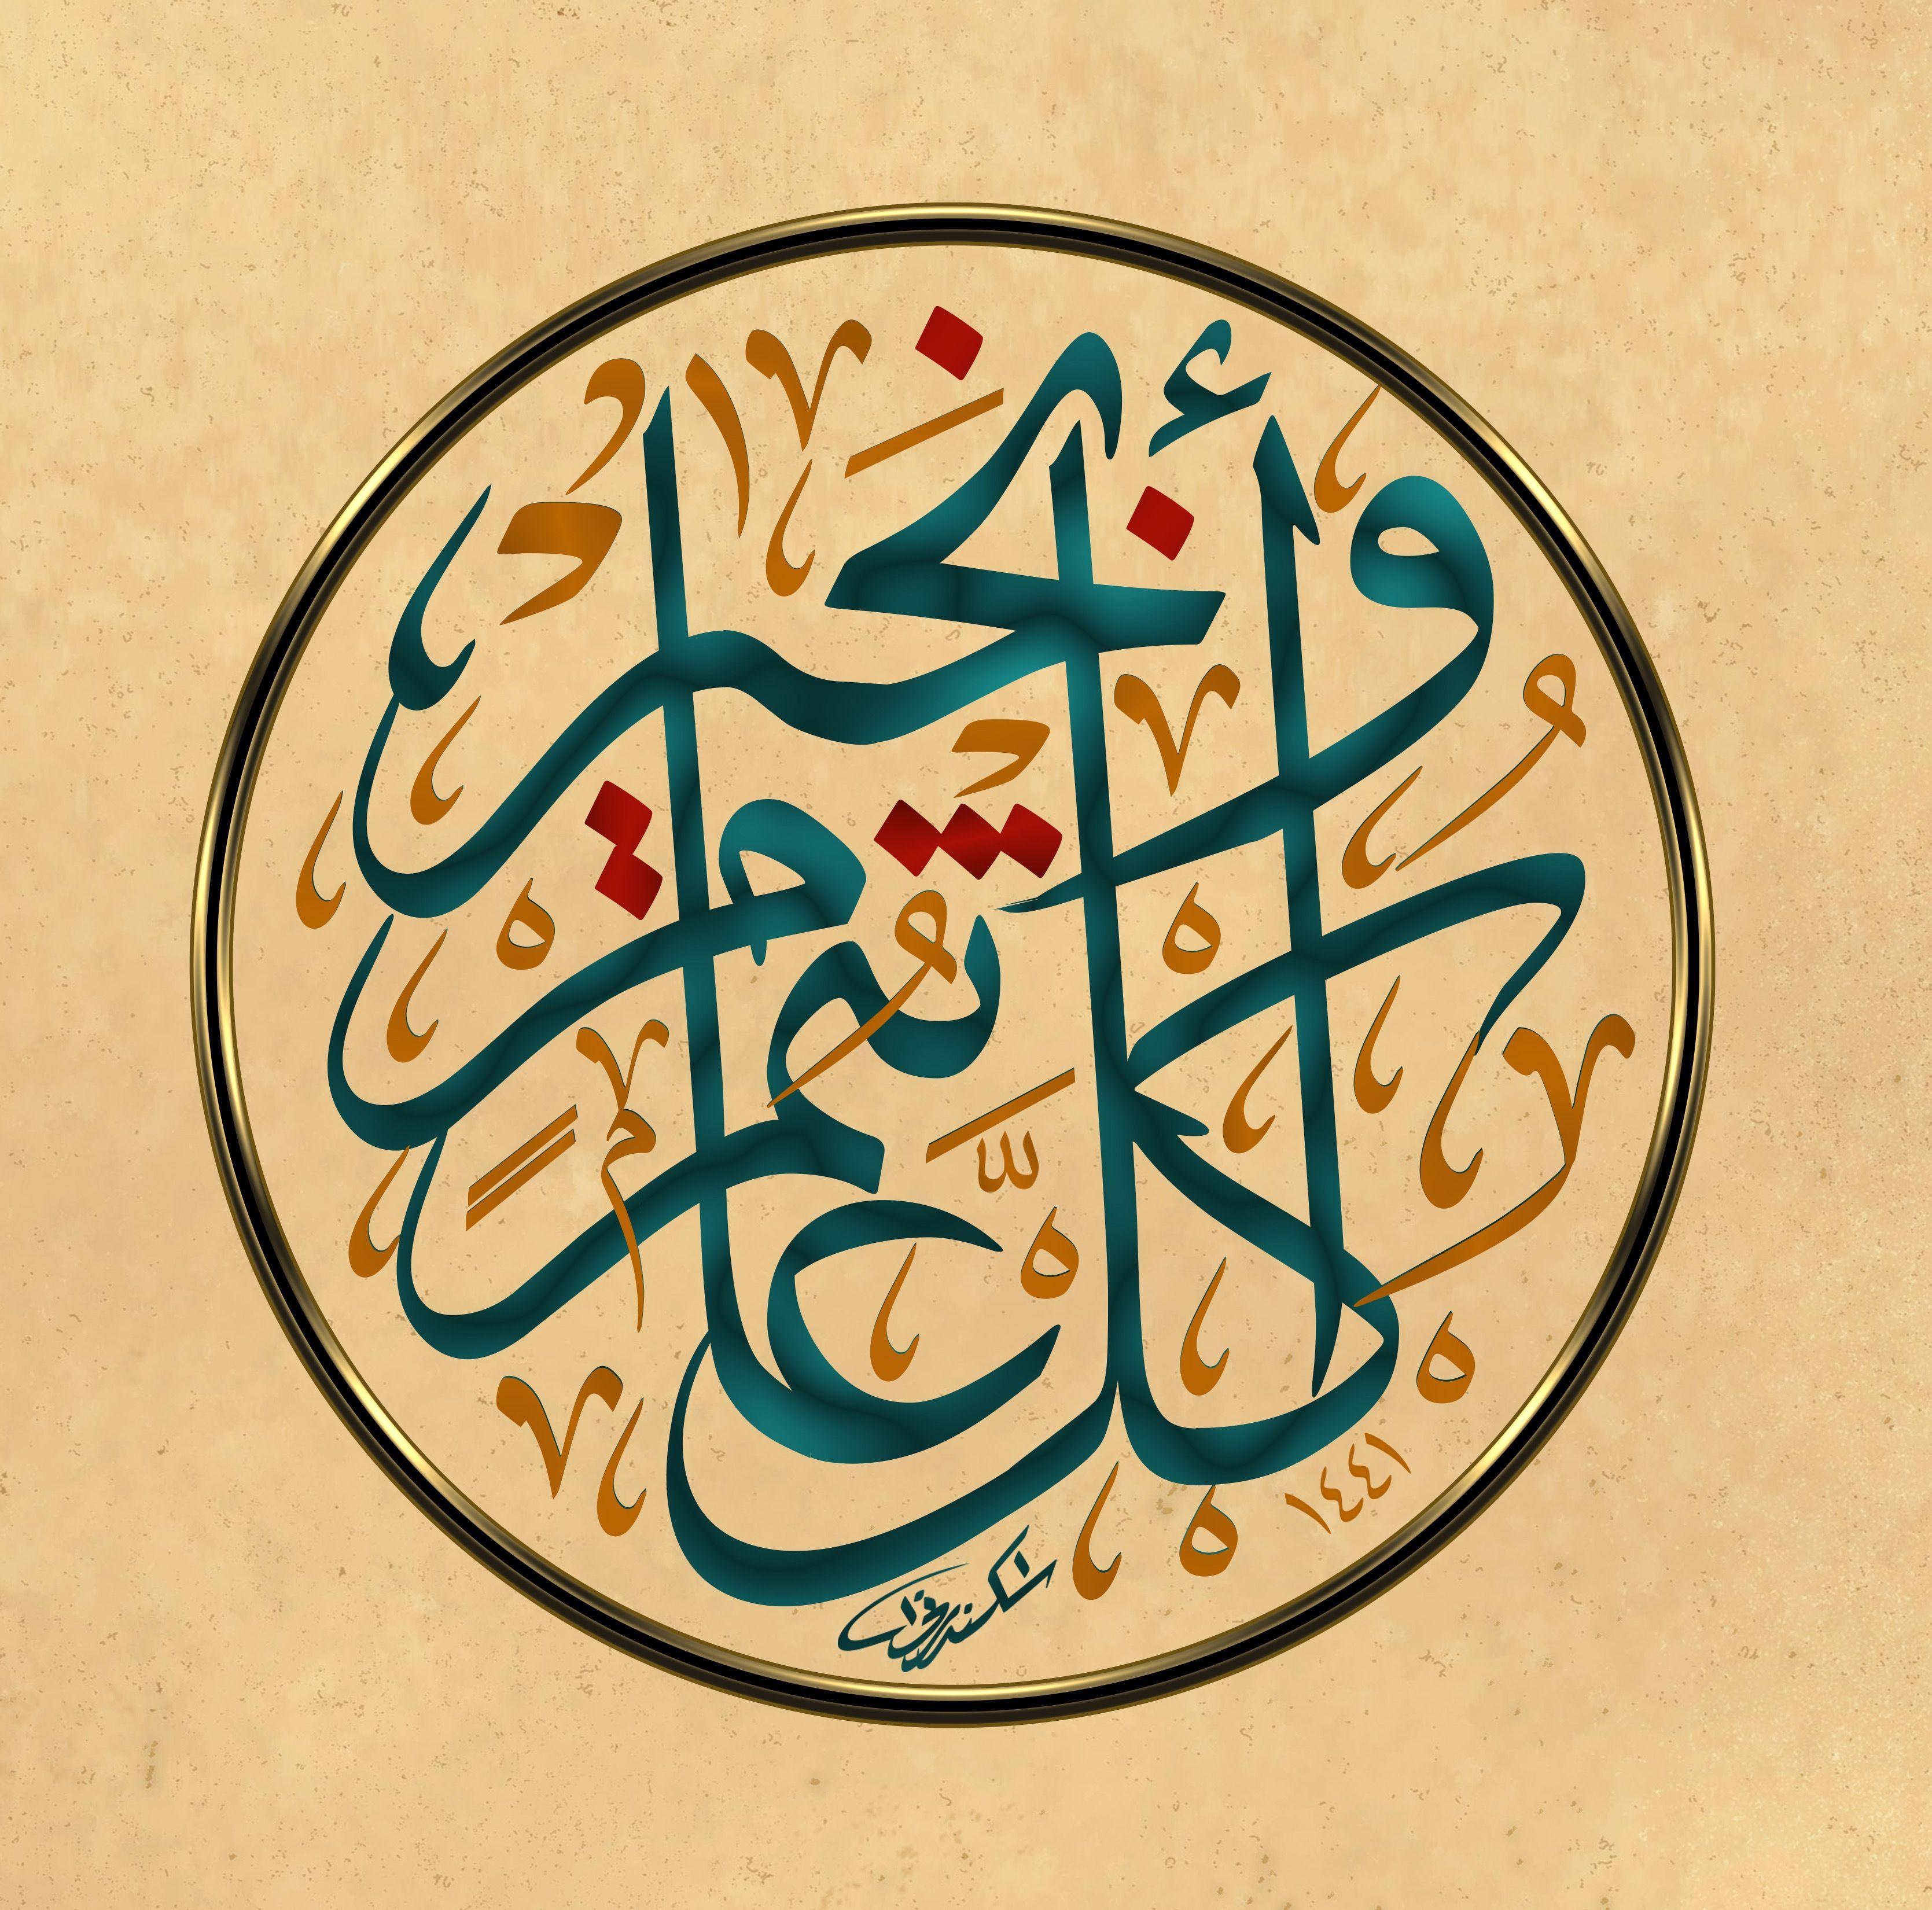 كل عام وانتم بخير بخط الخطاط أحمد اسكندراني في مدينة جدة Islamic Art Arabic Calligraphy Art